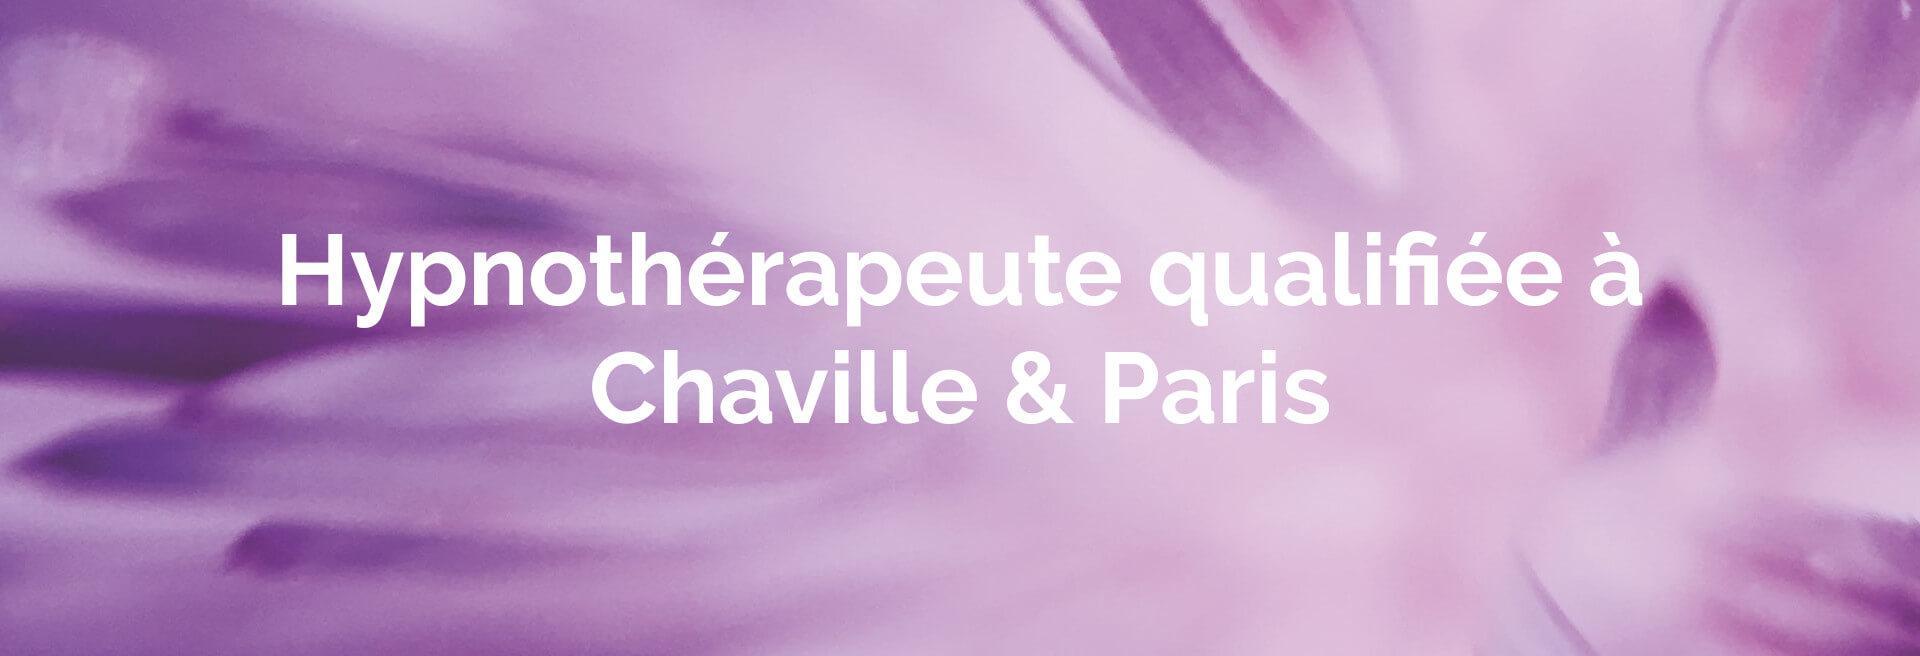 Hypnothérapeute qualifiée à Chaville & Paris